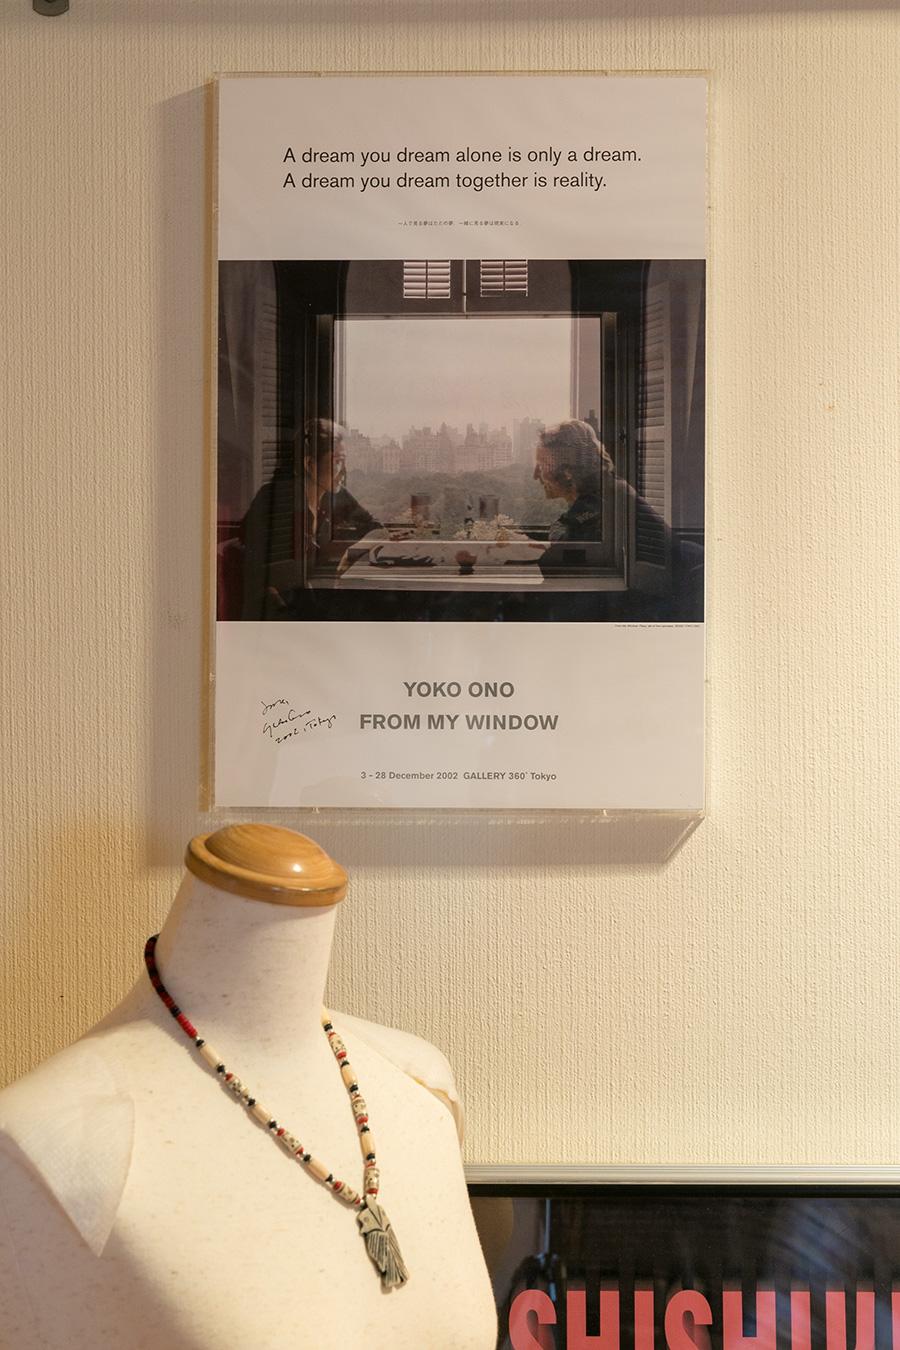 獅子倉さんが尊敬するジョン・レノンとオノ・ヨーコの直筆サイン入り写真が飾られている。